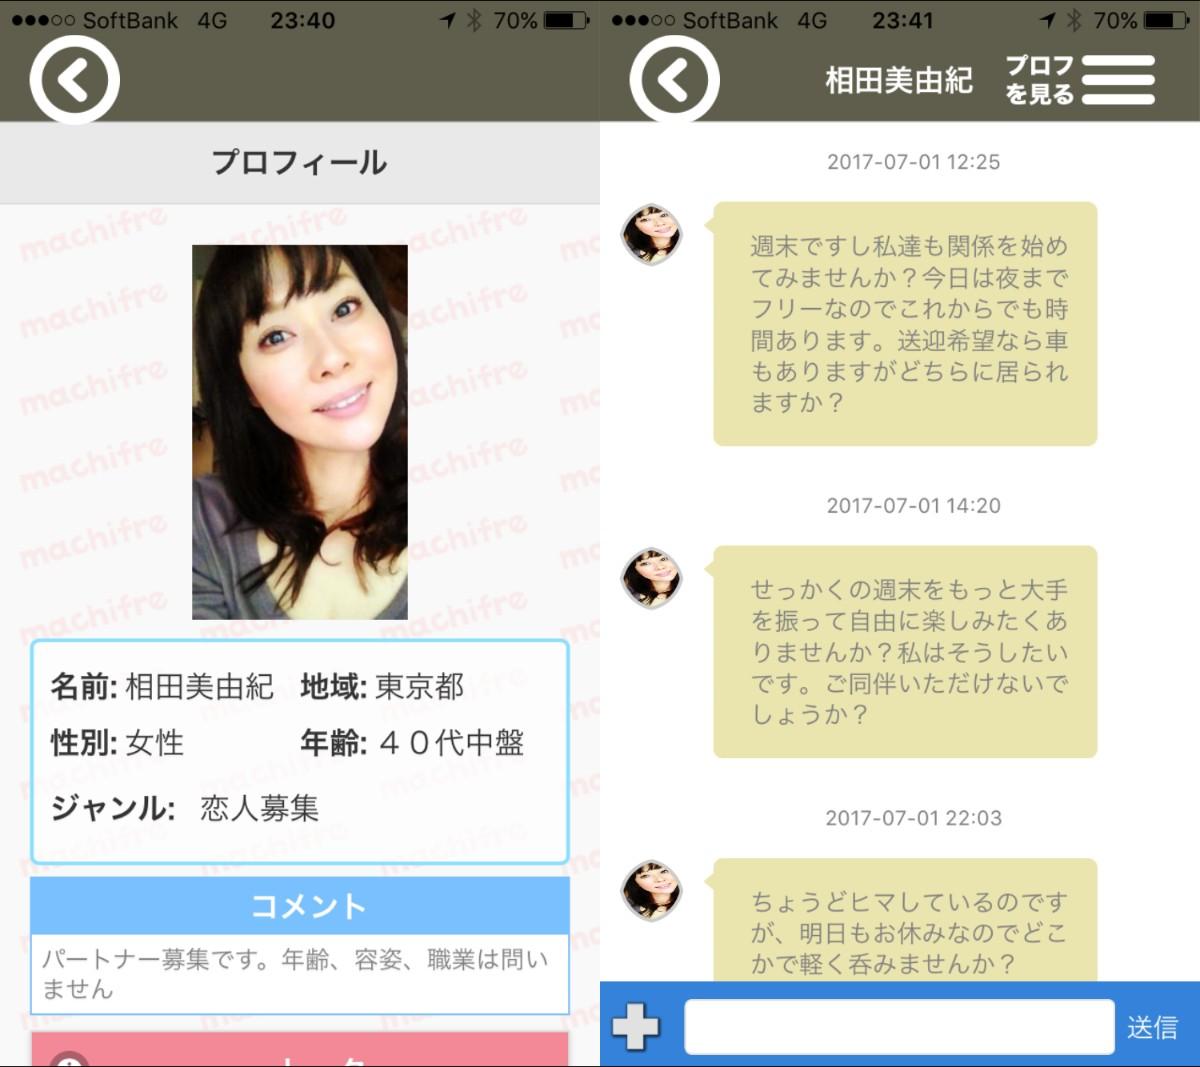 チャットが楽しめるsnsアプリのマチフレサクラの相田美由紀